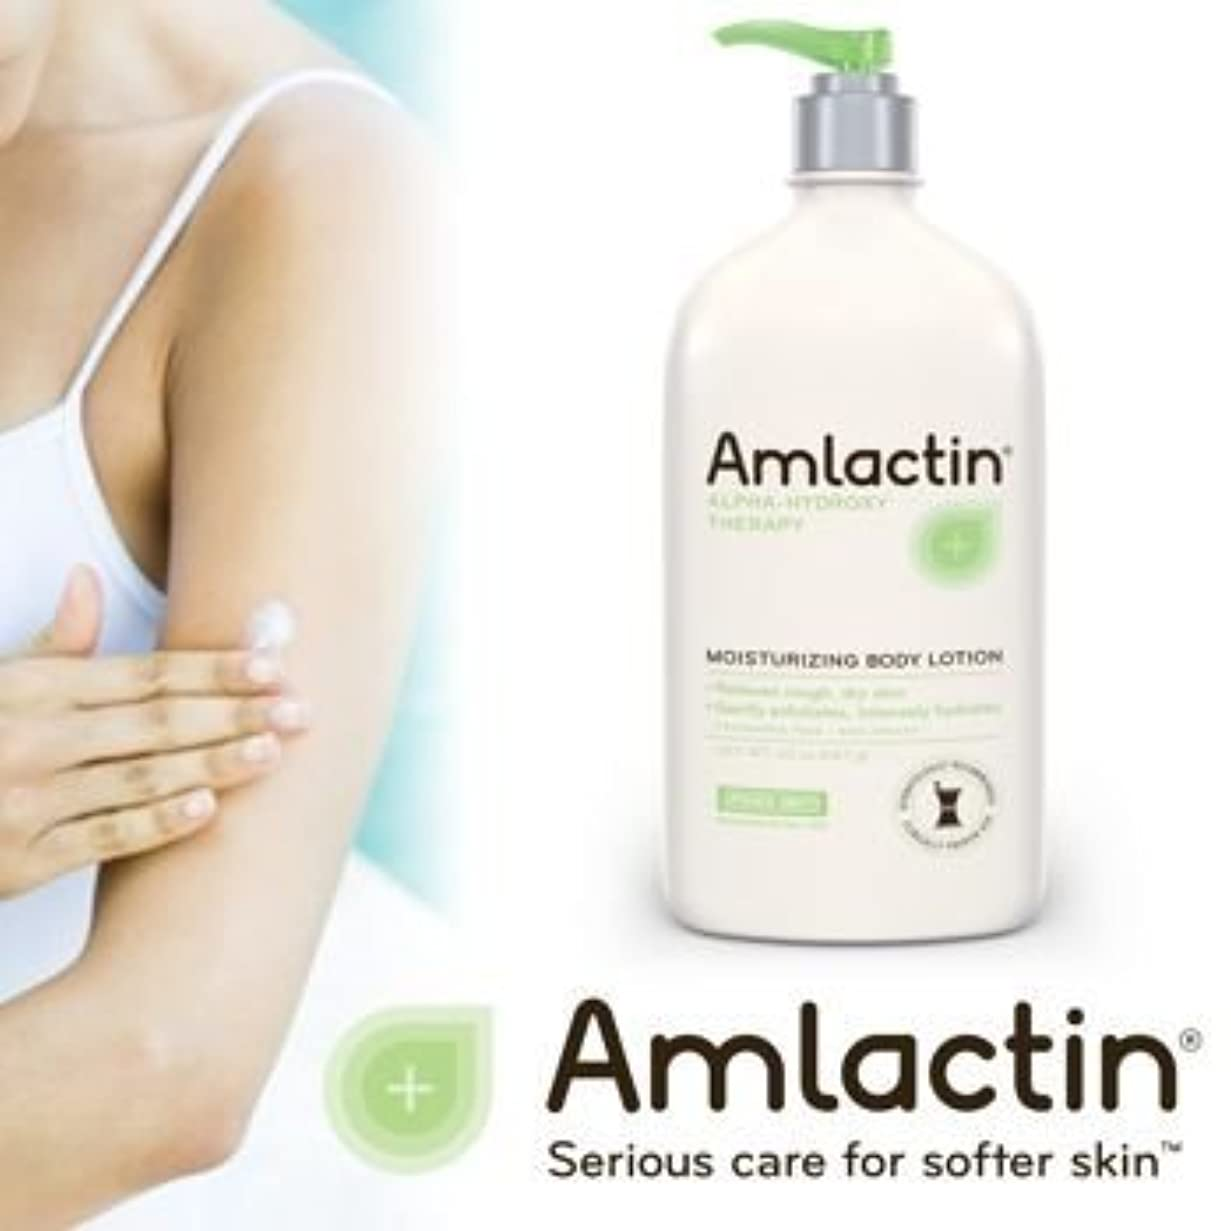 後ピンチ活発アムラクティン 保湿液 (乾燥肌のため) - 12% 乳酸 - AmLactin 12 % Moisturizing Lotion - 500 g / 17.6 oz (Product packaging may vary)